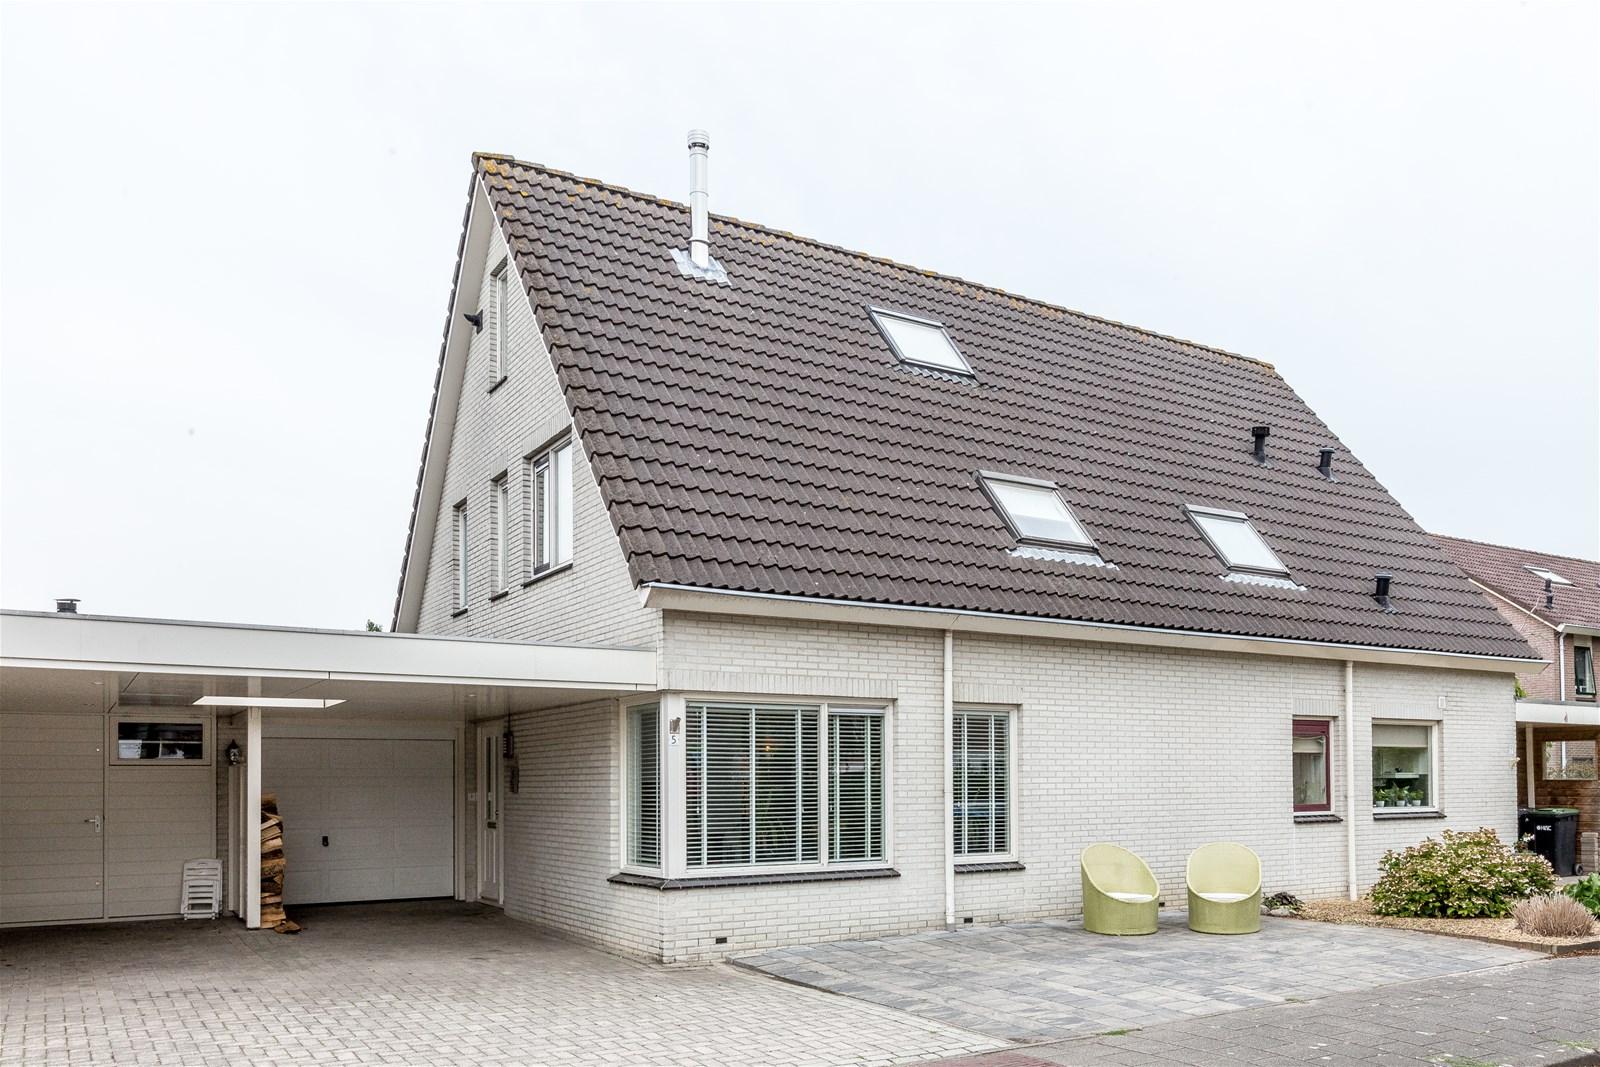 Keuken Design Emmeloord : Westerkwartier emmeloord de erven makelaardij thijssen b v